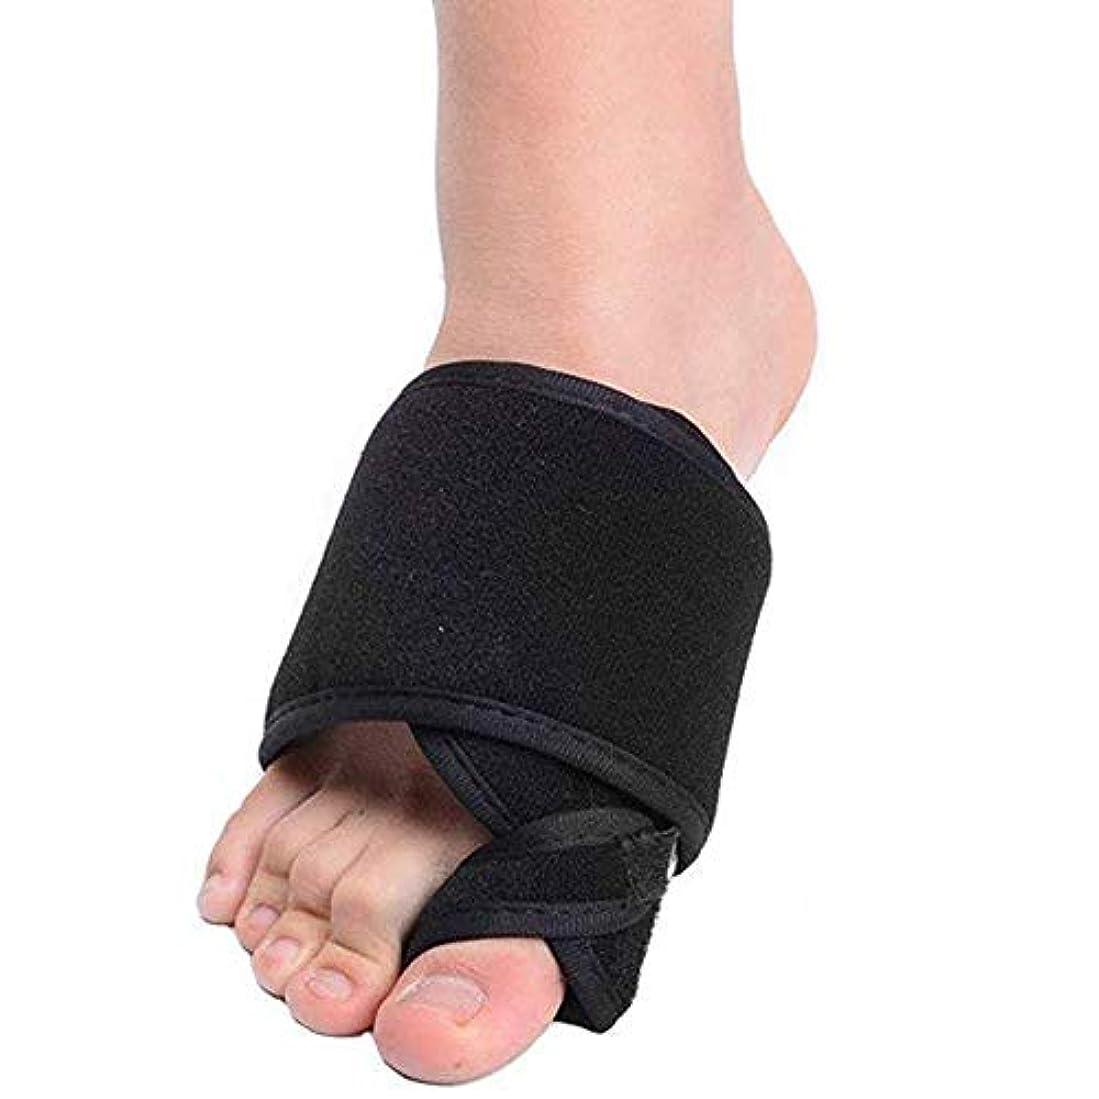 効率的考えたフォアマンスプリントサポート付きのつま先セパレーター調整可能なストラップオーバーラップトウのつま先の痛みの緩和(1)